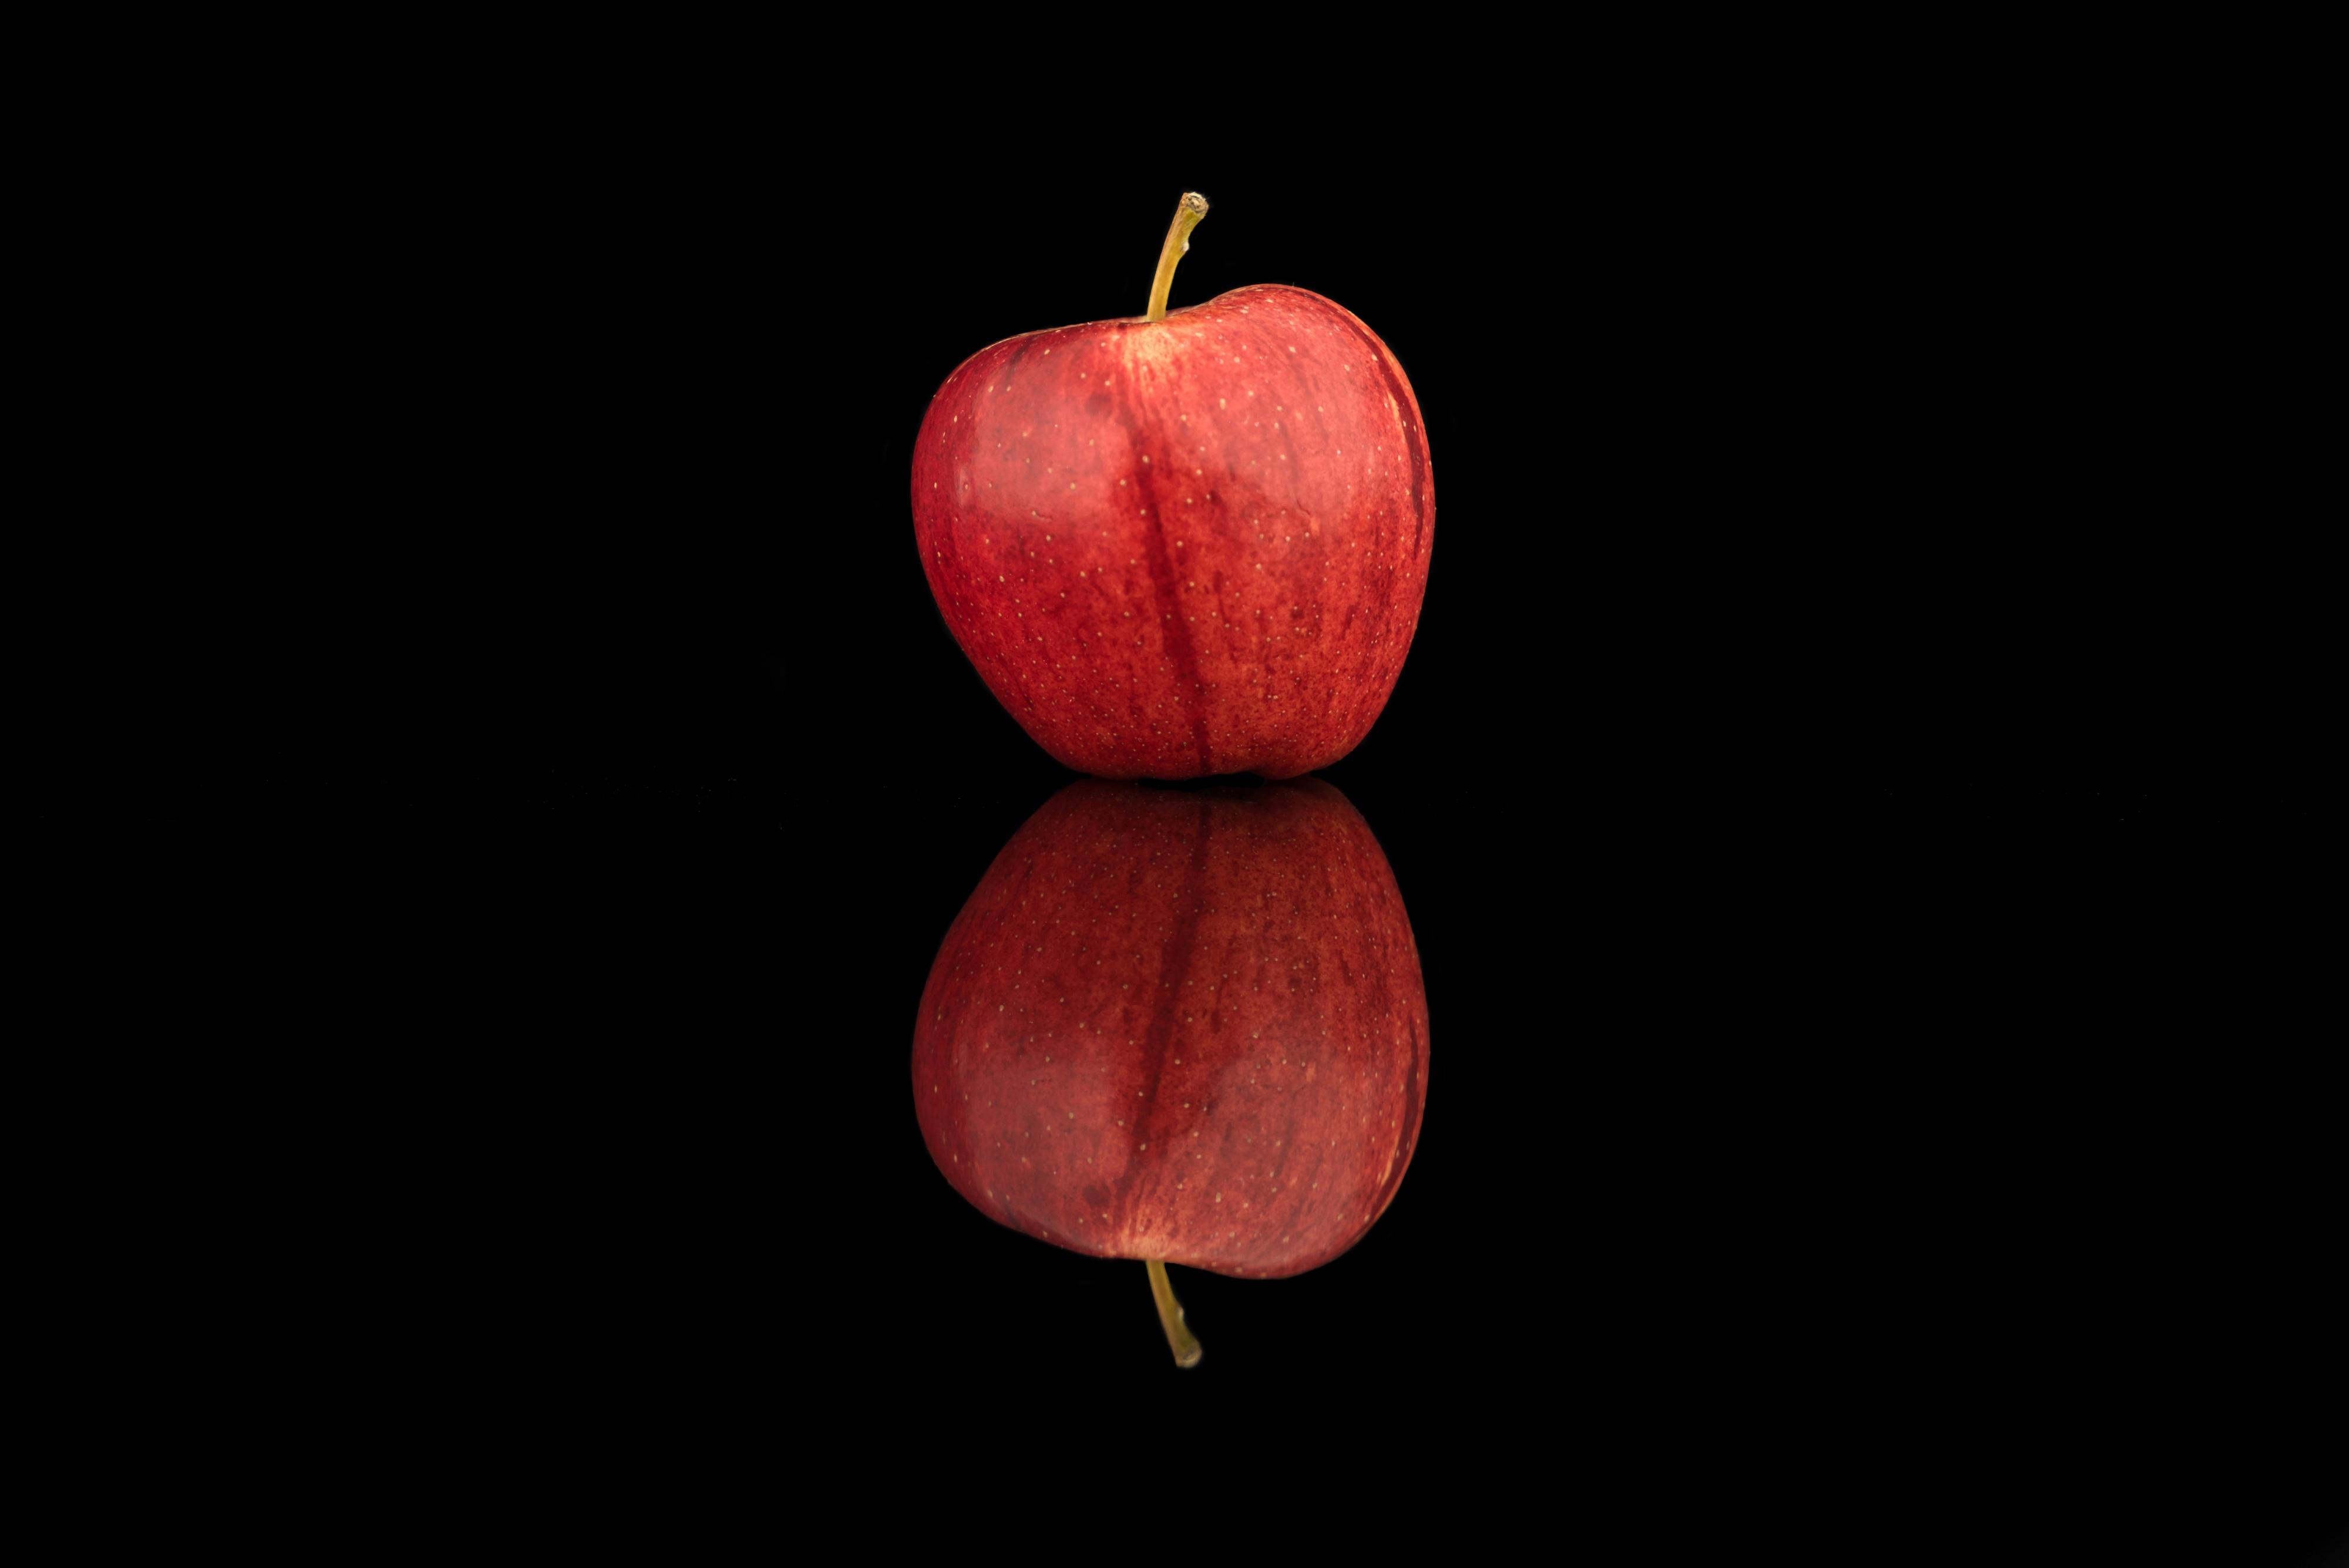 запрос картинки красные фрукты на черном фоне меня мексиканские